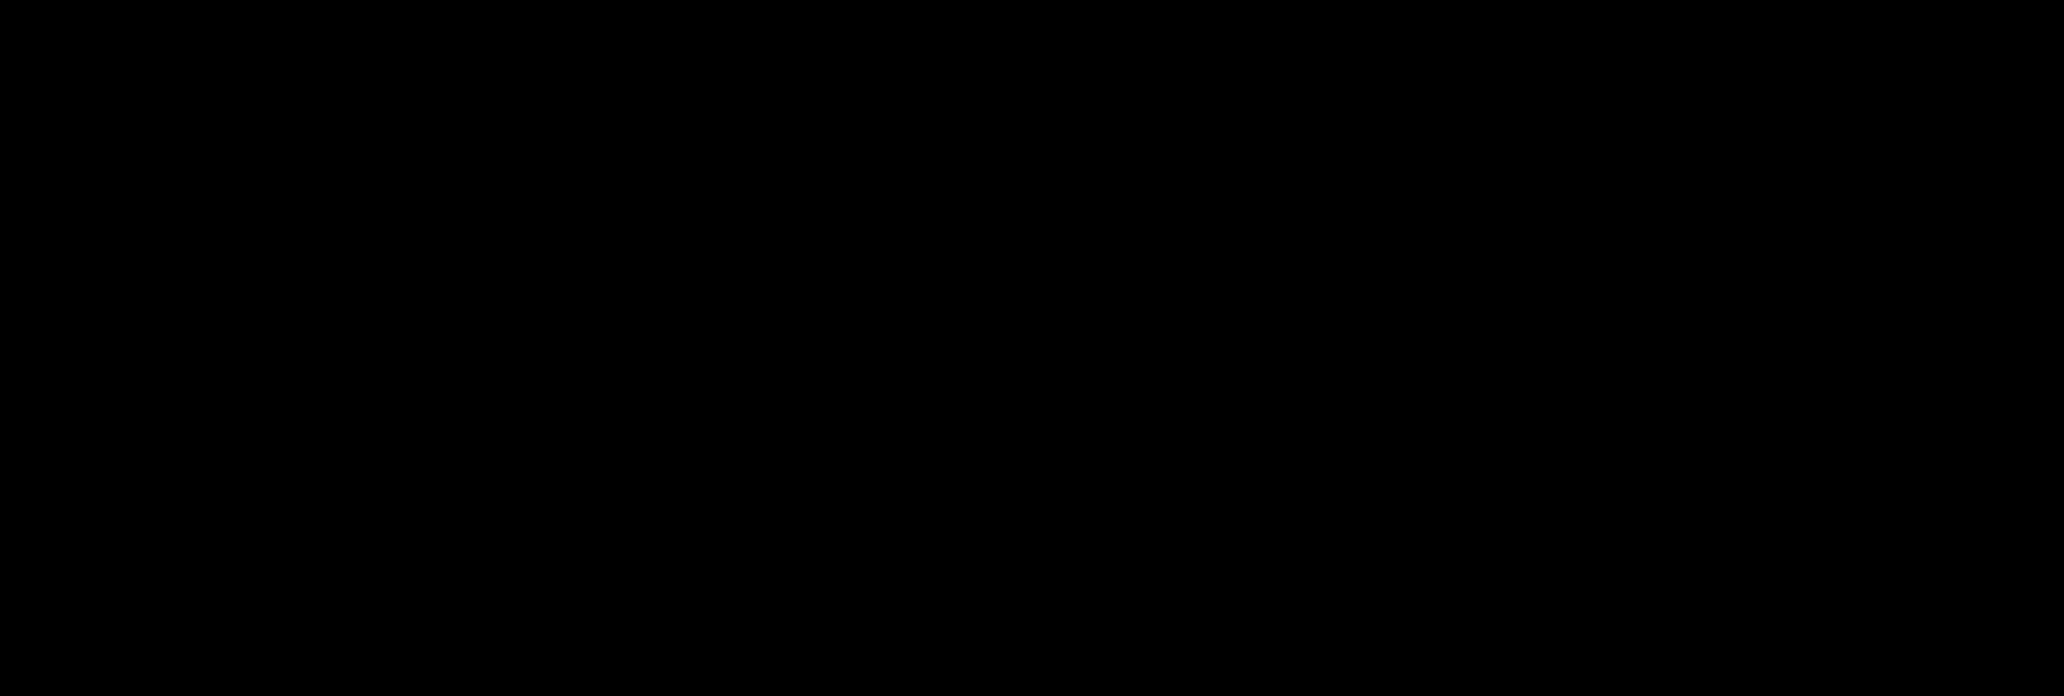 Nonivamide-d<sub>3</sub>